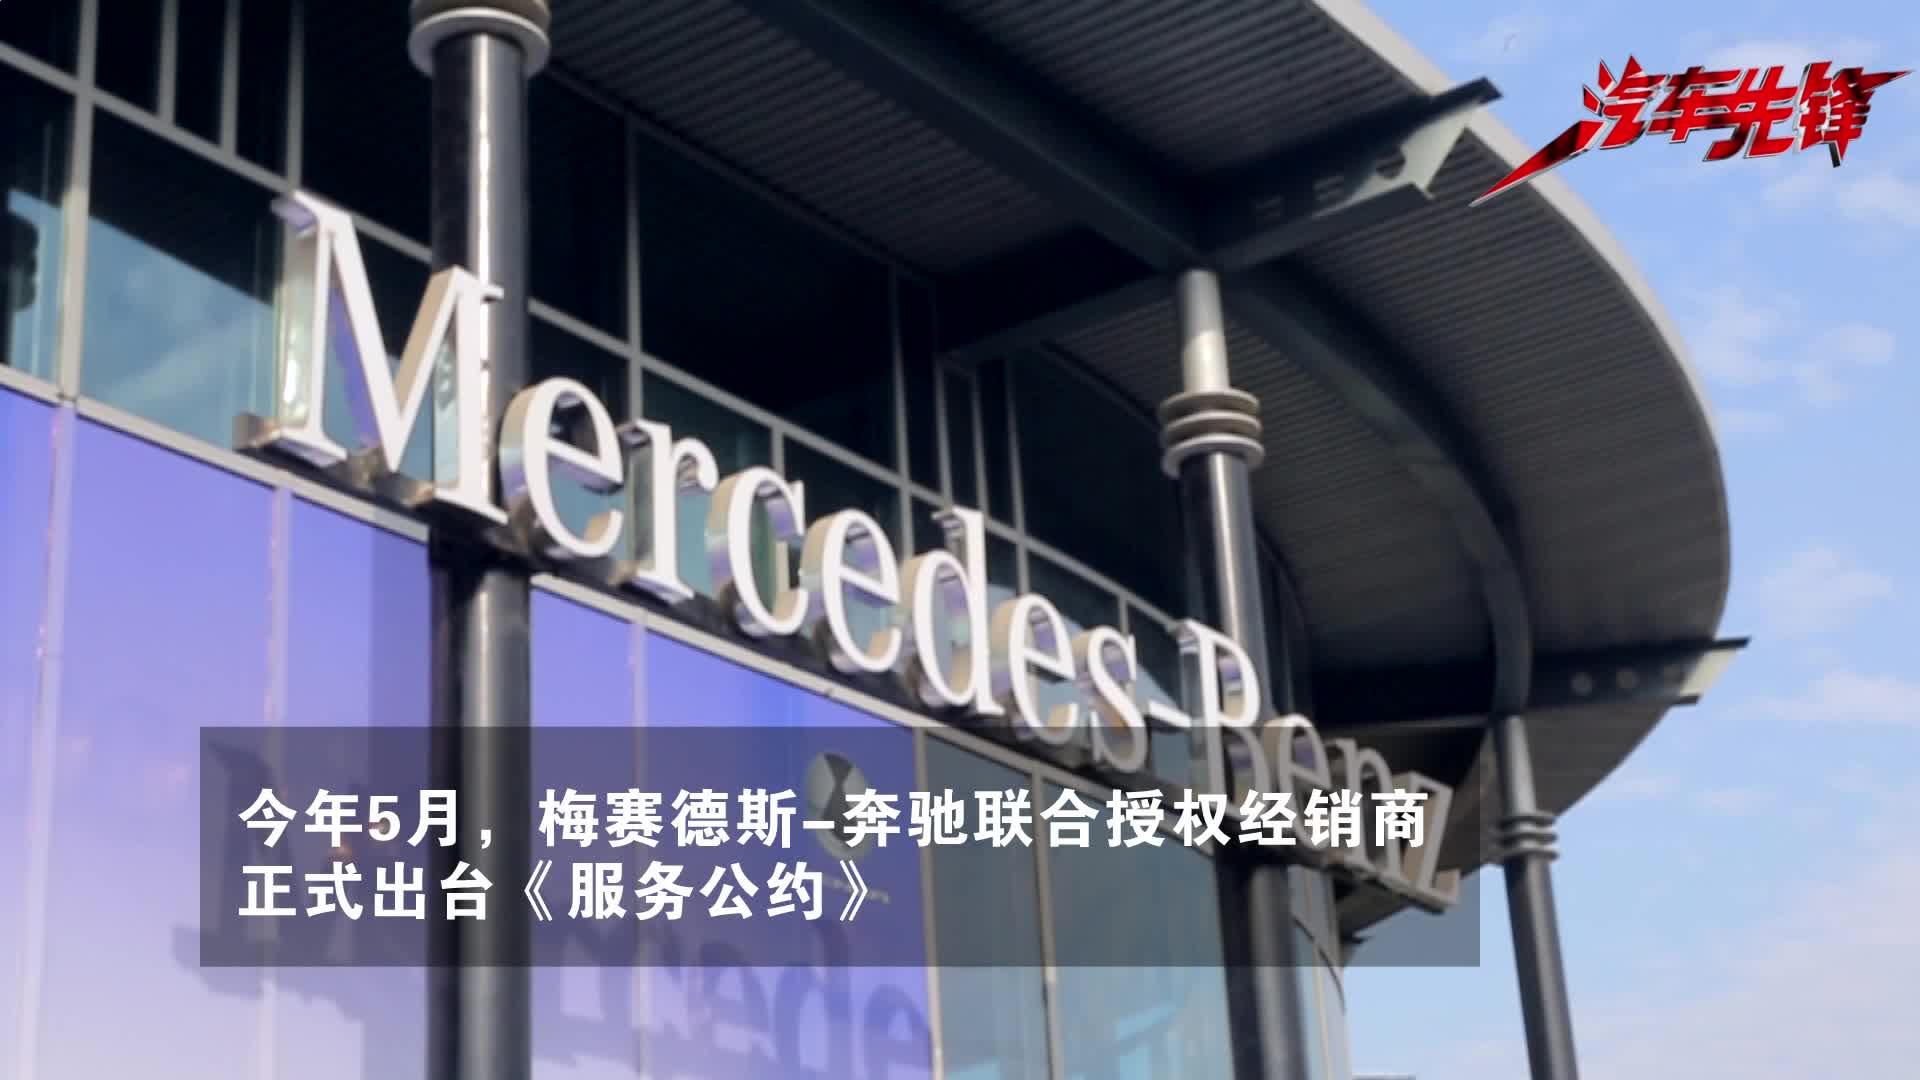 调查 | 梅赛德斯-奔驰《服务公约》落实了吗?